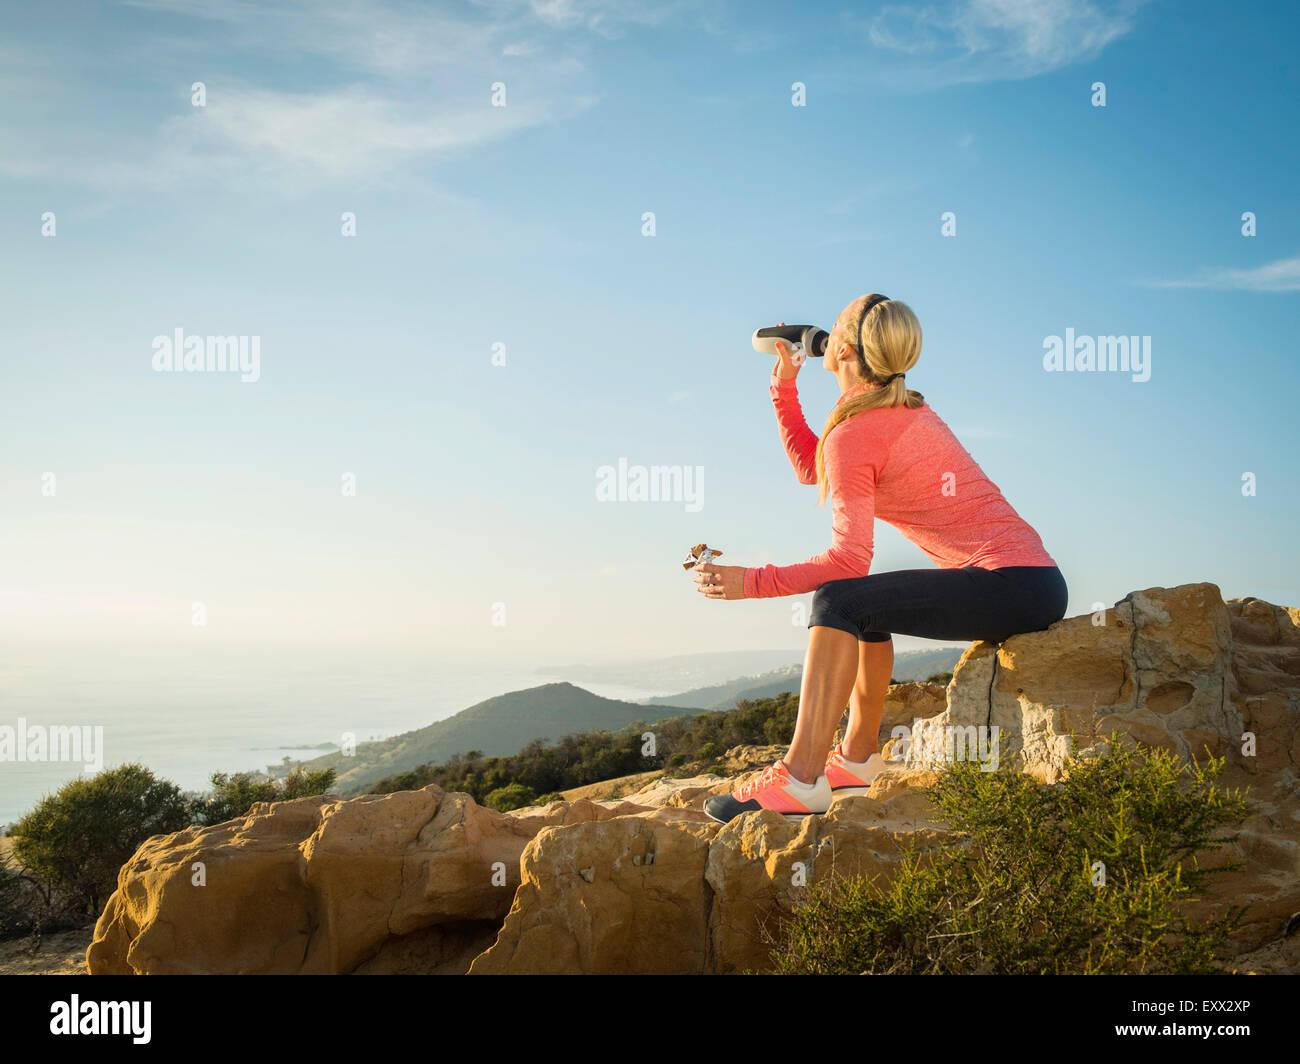 Woman in sportswear drinking water - Stock Image